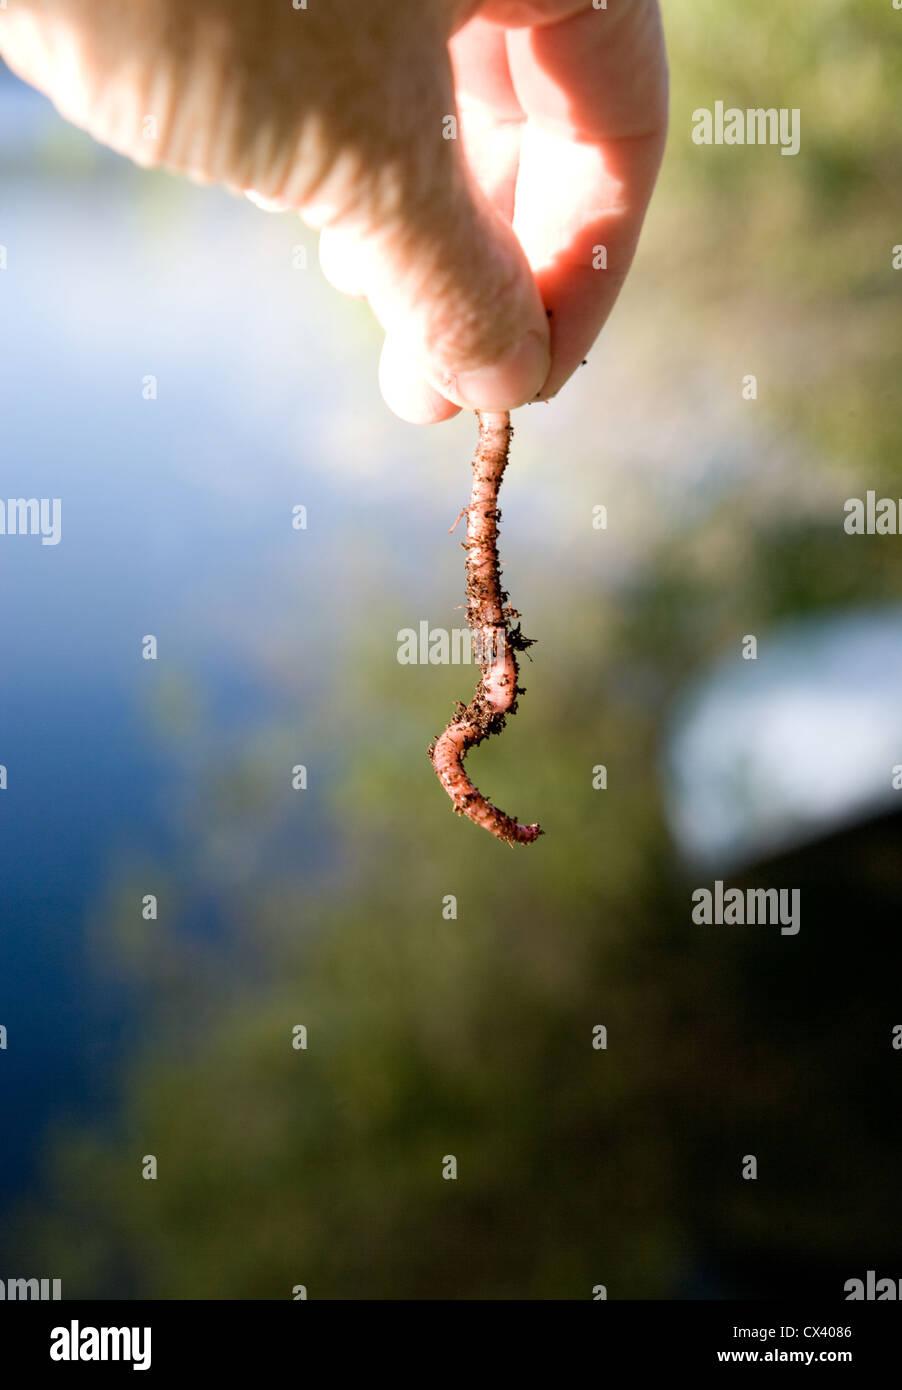 Mano sujetando gusano junto a un lago, preparándose para usar gusano como cebo. Imagen De Stock